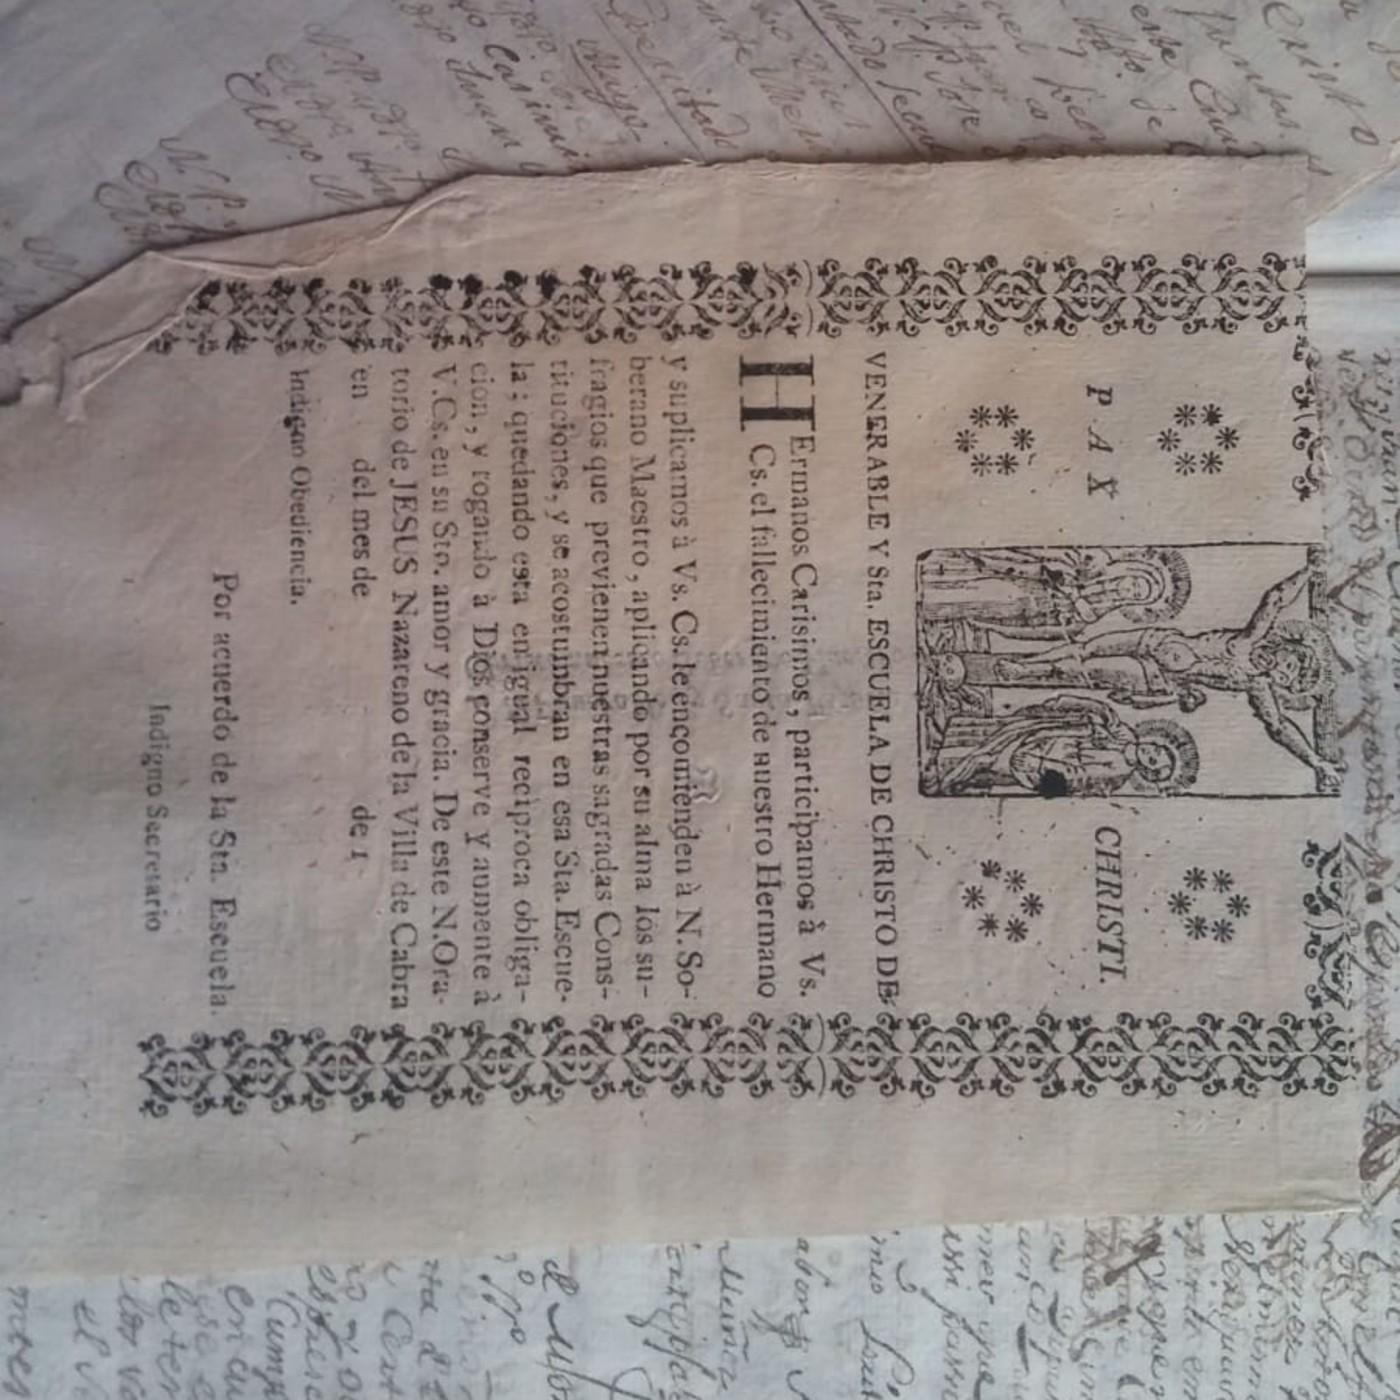 LA HISTORIA ENTRE LÍNEAS: La Santa Escuela de Cristo de Cabra, fundada en el año 1669